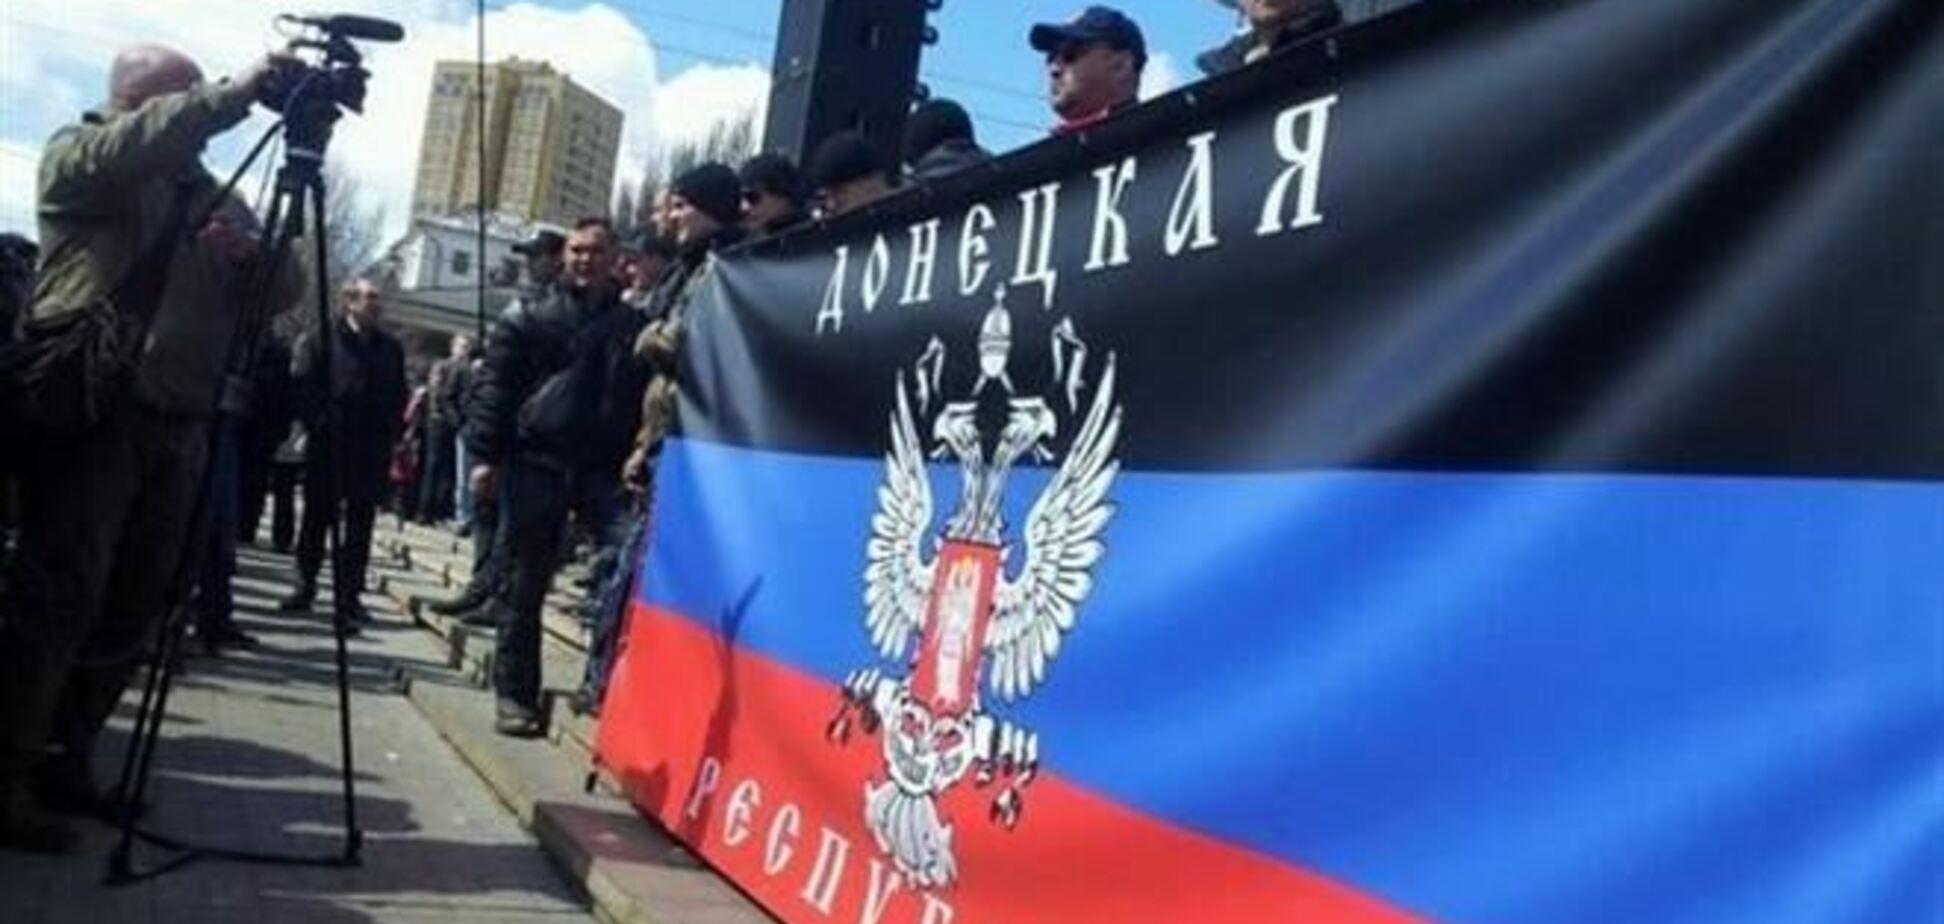 Против организатора сепаратистских митингов в Донецке возбуждено дело - СБУ